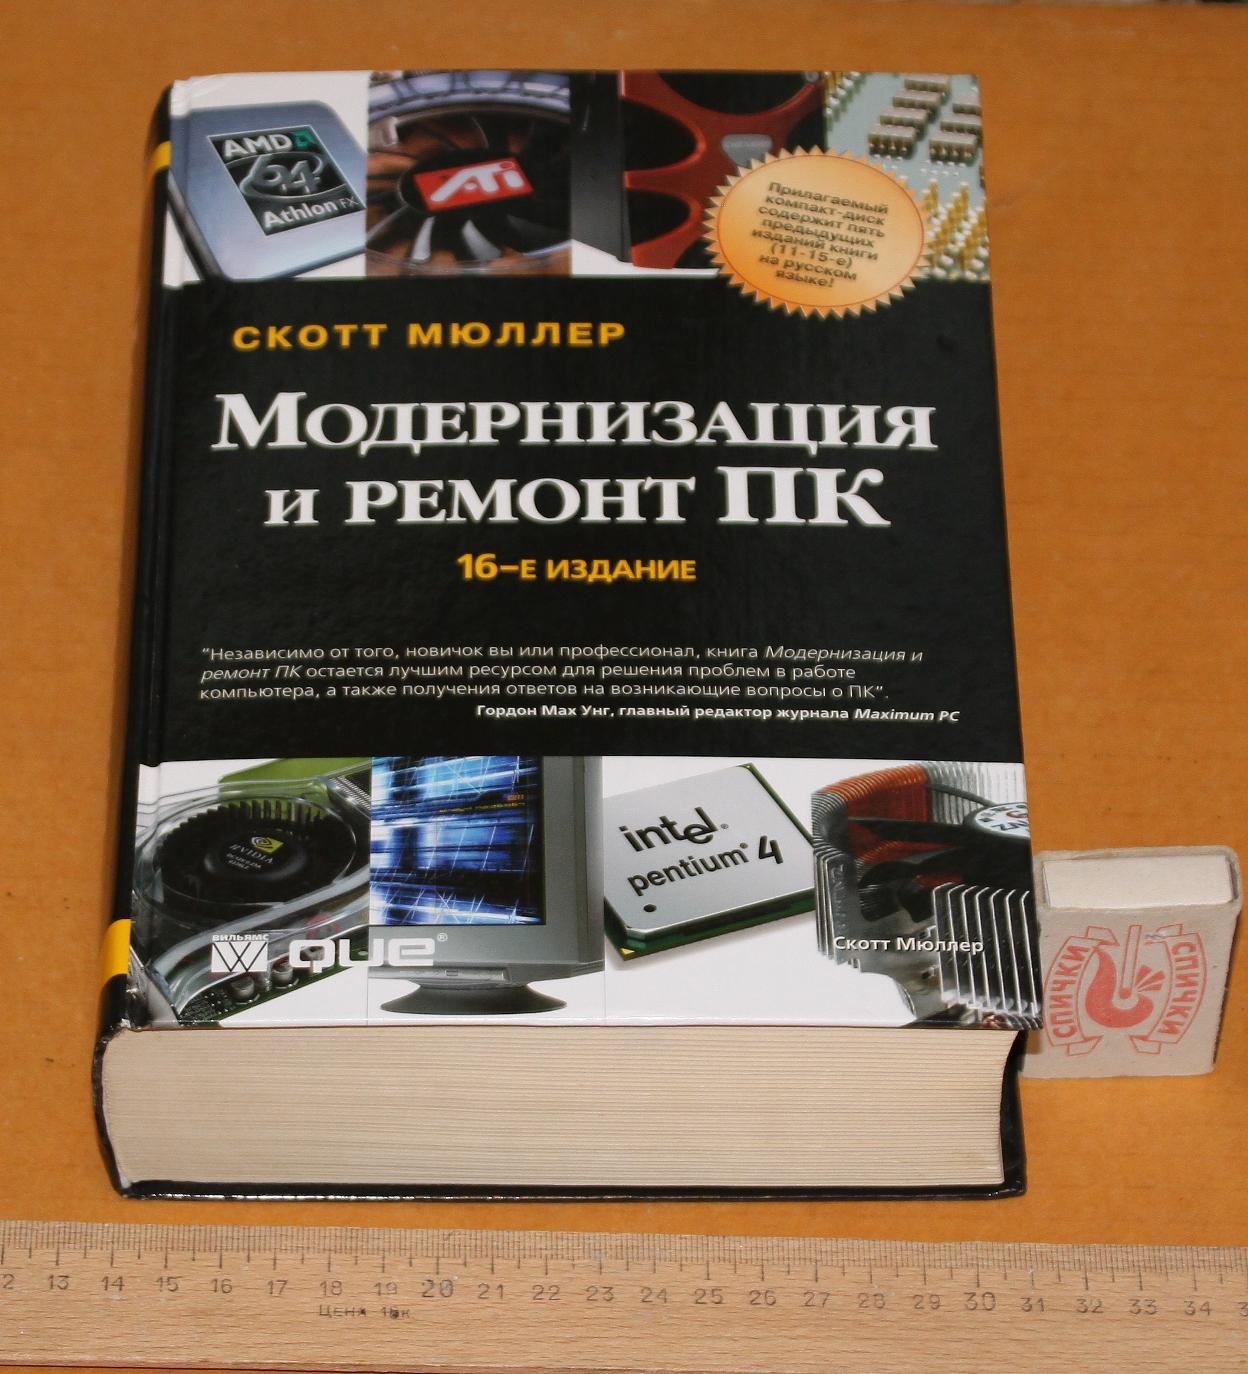 модернизация и ремонт пк 22 издание